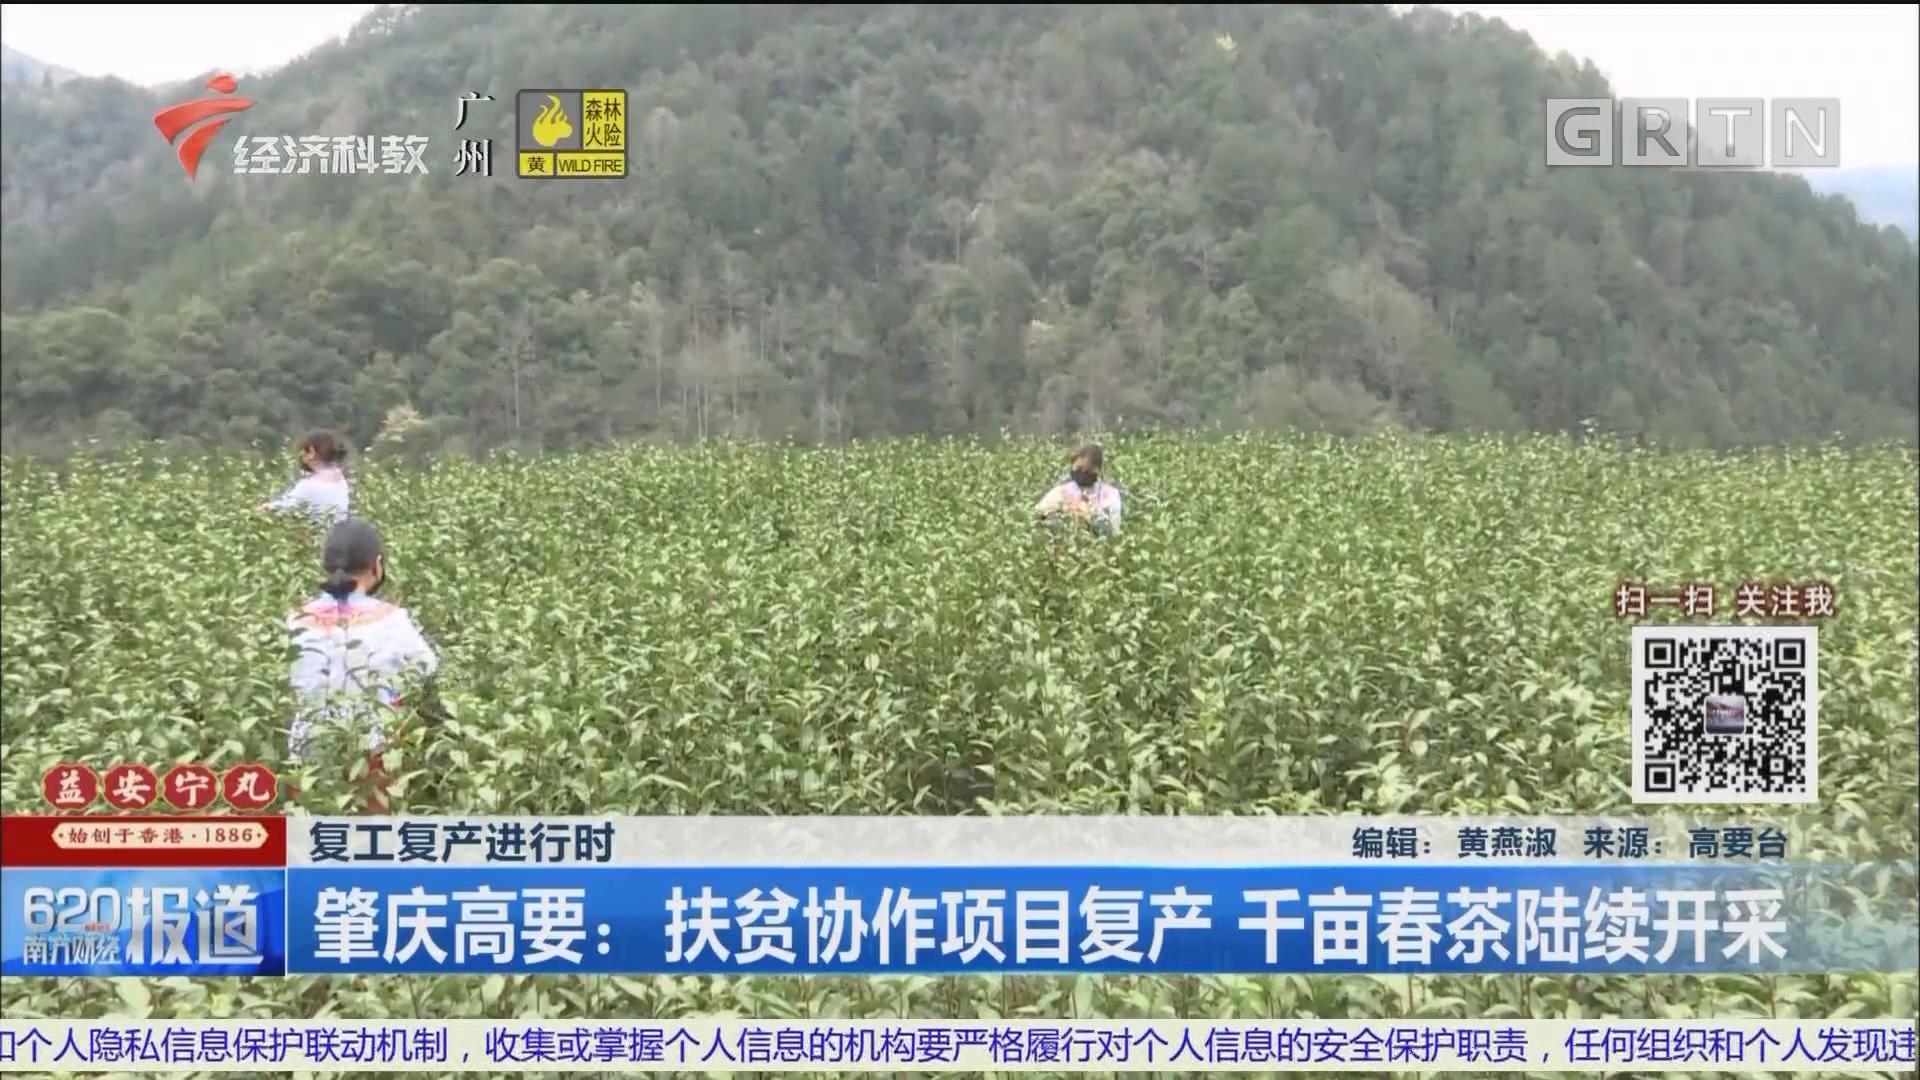 復工復產進行時 肇慶高要:扶貧協作項目復產 千畝春茶陸續開采